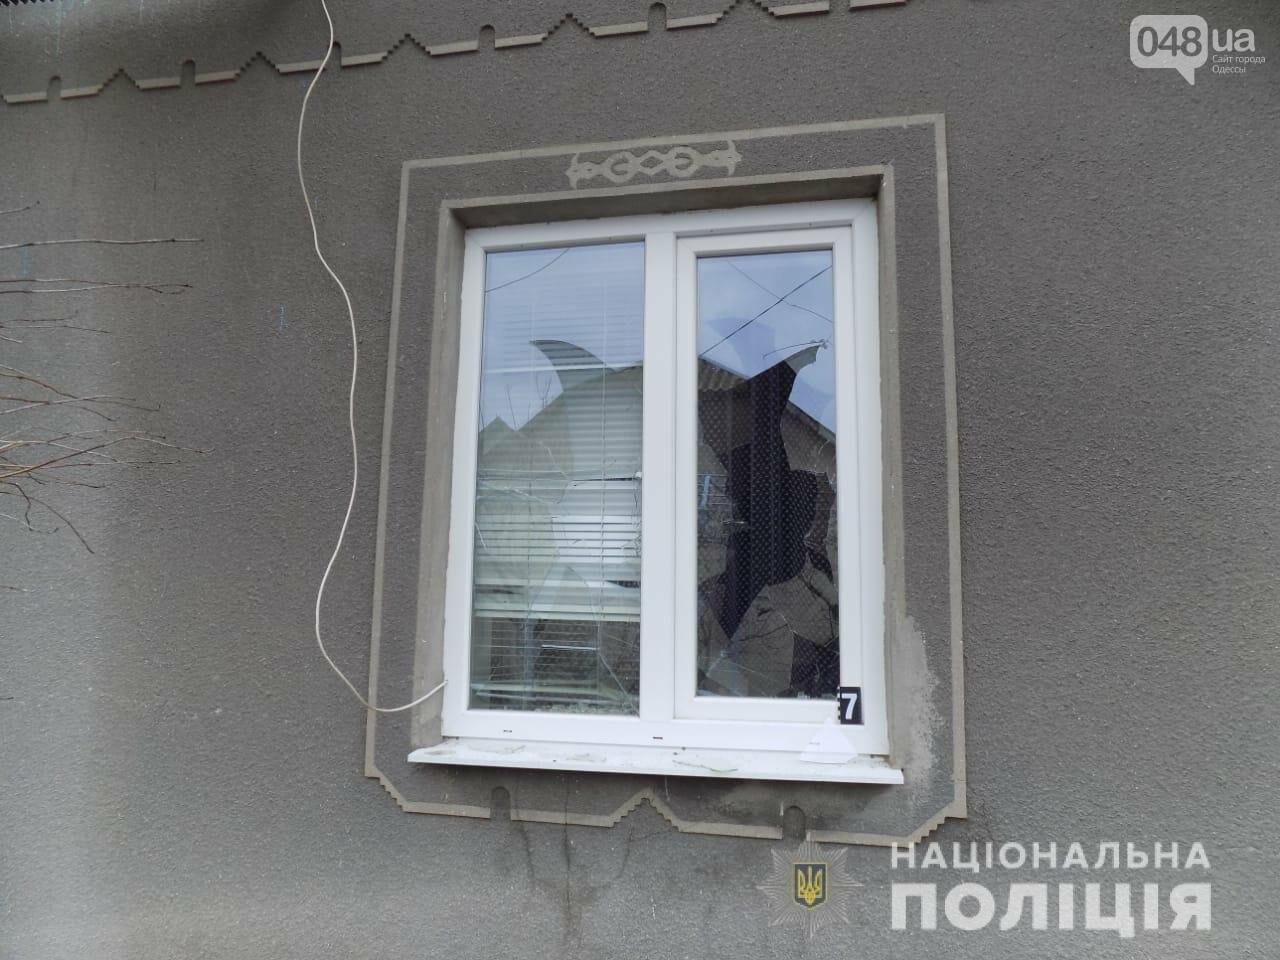 В Одесской области мужчина избил родителей полицейского, чтобы отомстить, - ФОТО, фото-2